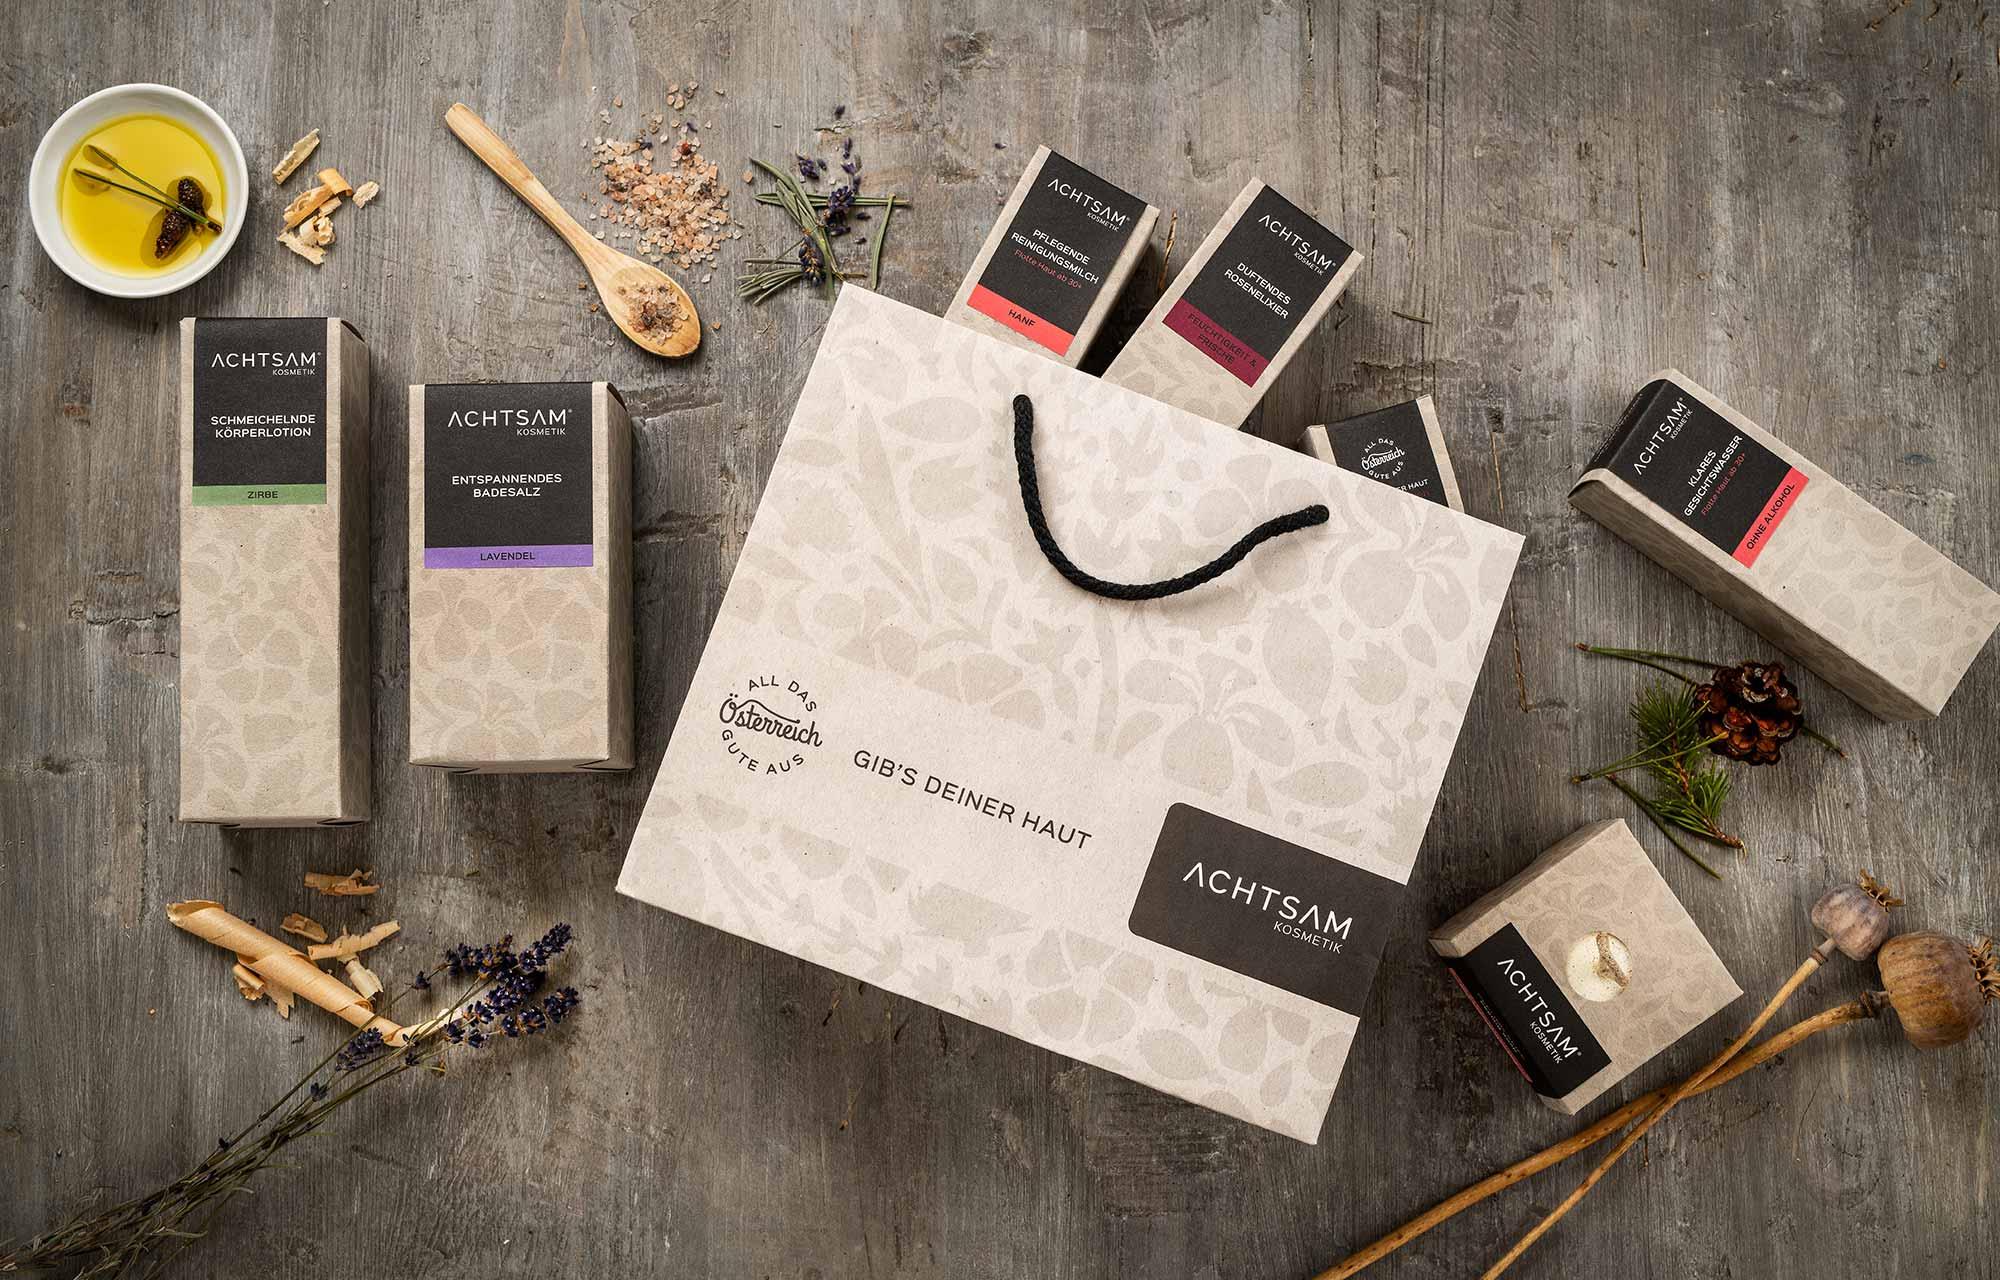 Achtsam Kosmetik - Produkte in der Verpackung